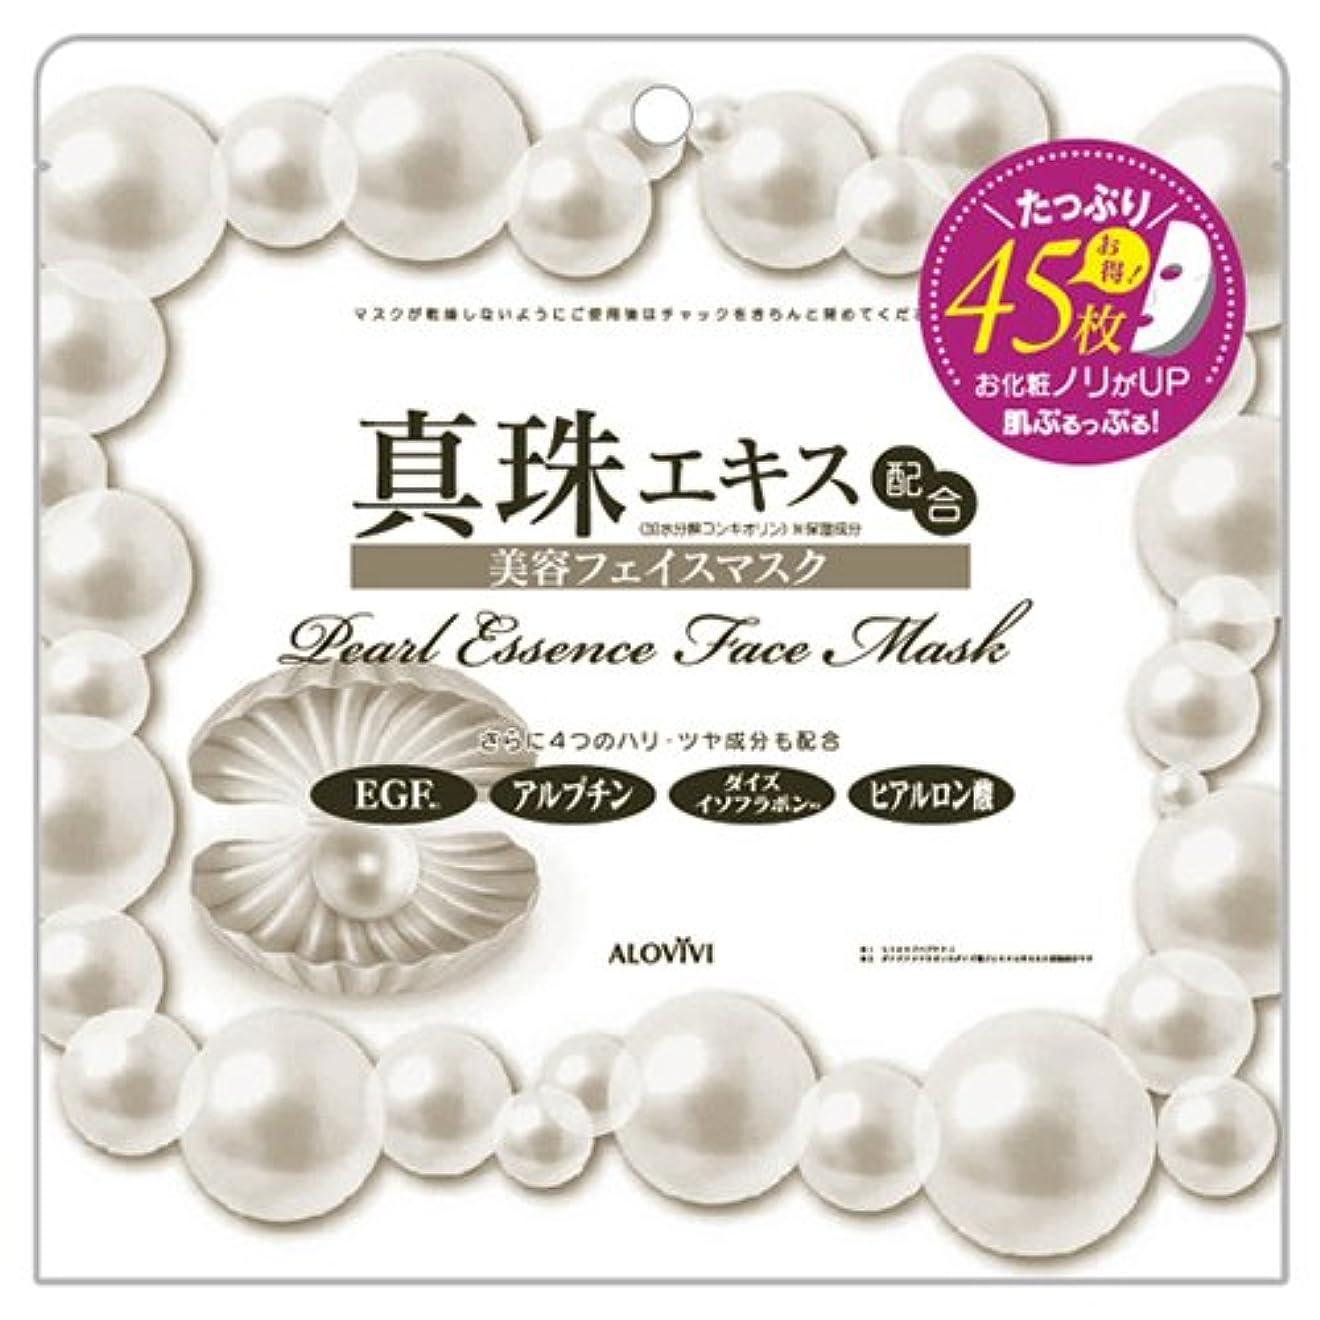 小説家販売員意志に反するアロヴィヴィ 真珠美容マスク 45枚入 x 5セット